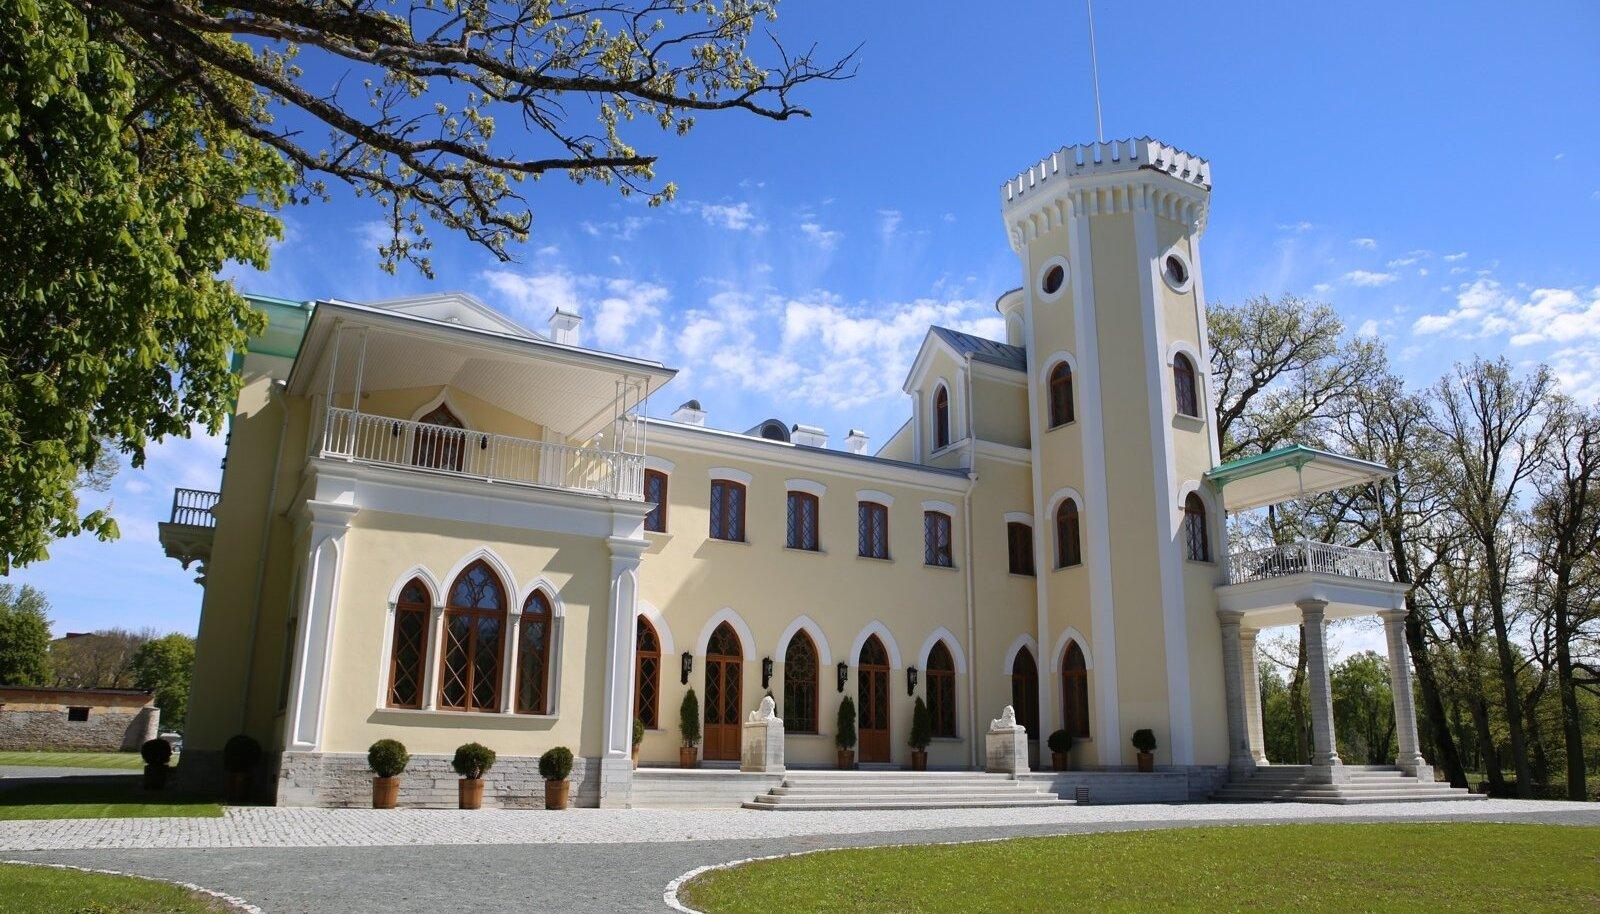 Keila-Joa mõis, loss